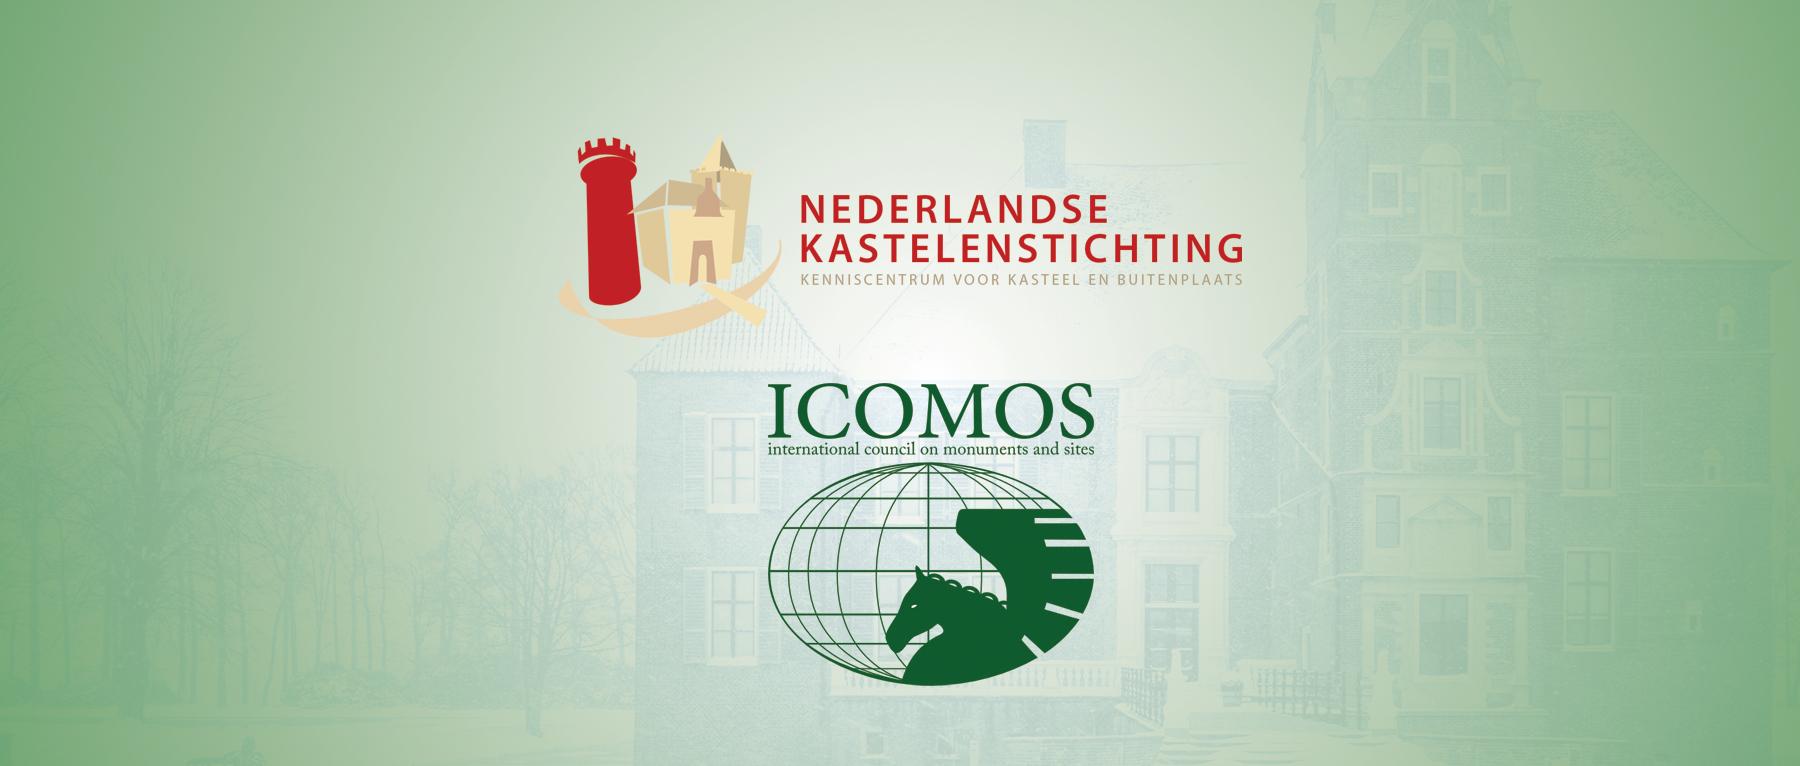 Nederlandse Kastelenstichting en ICOMOS Nederland gaan samenwerken